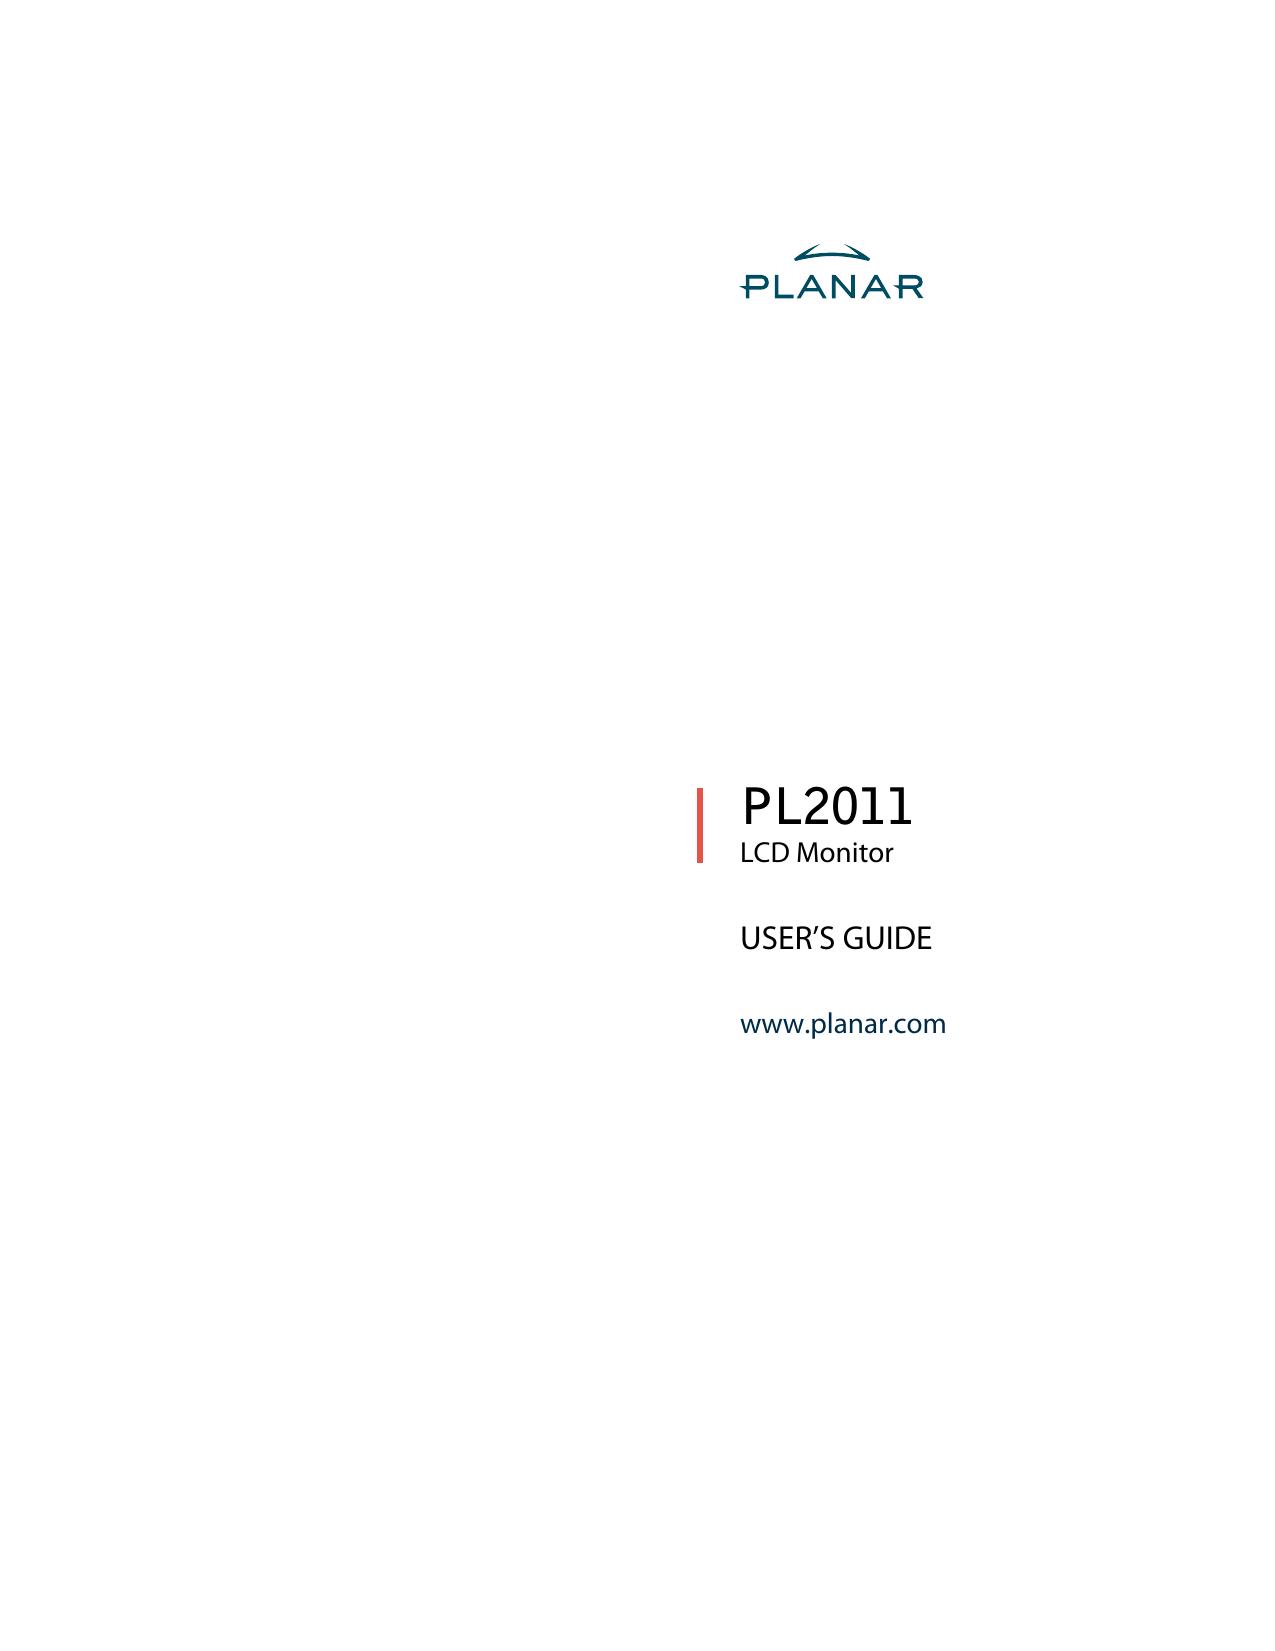 Planar PL2011 EH200 PL2011M R1 User Manual To The 71f8640a ffc6 416f bcf9  e40d0f0d7845